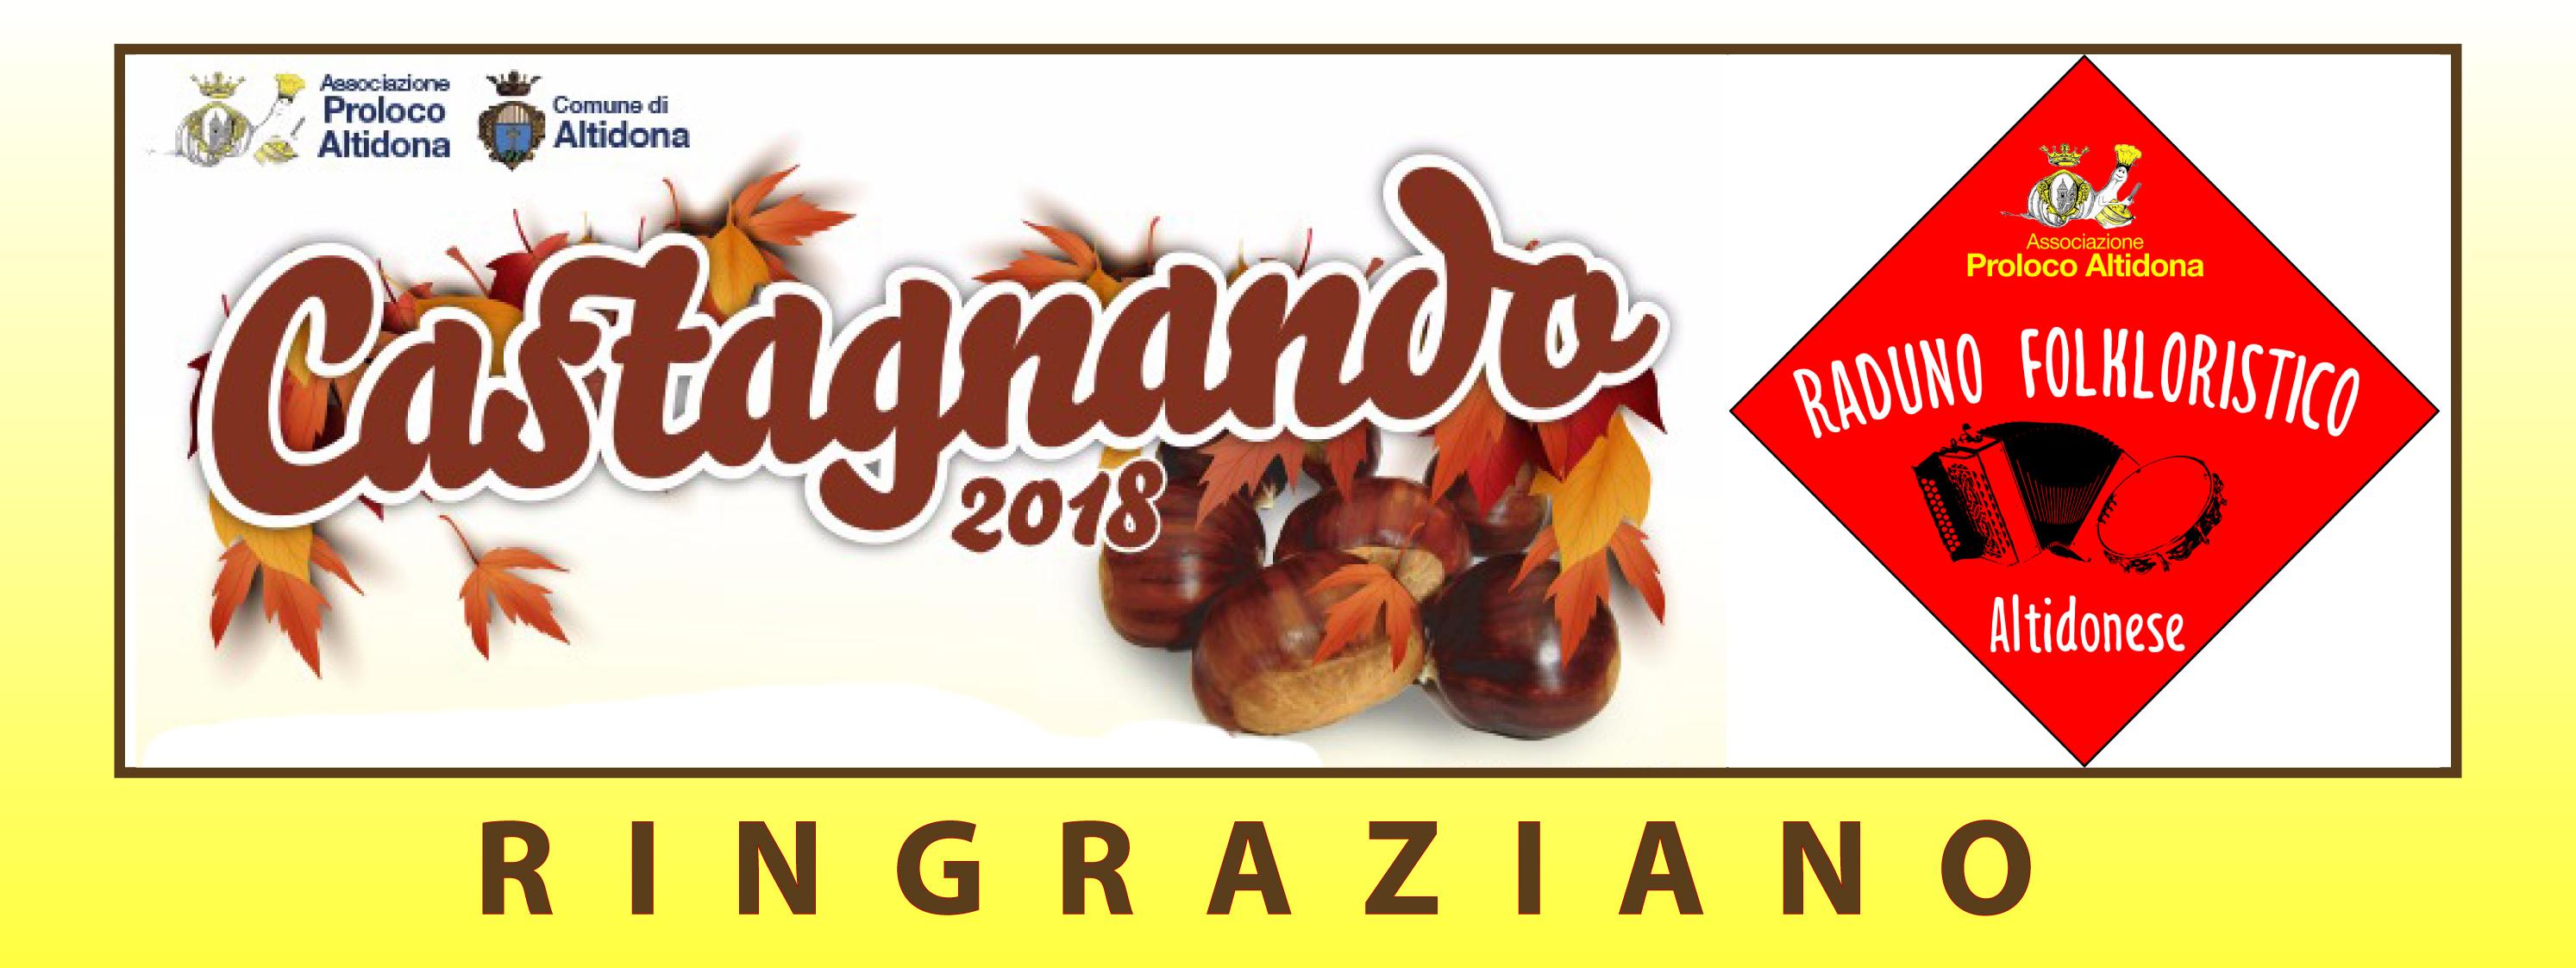 RINGRAZIAMENTI CASTAGNANDO 2018